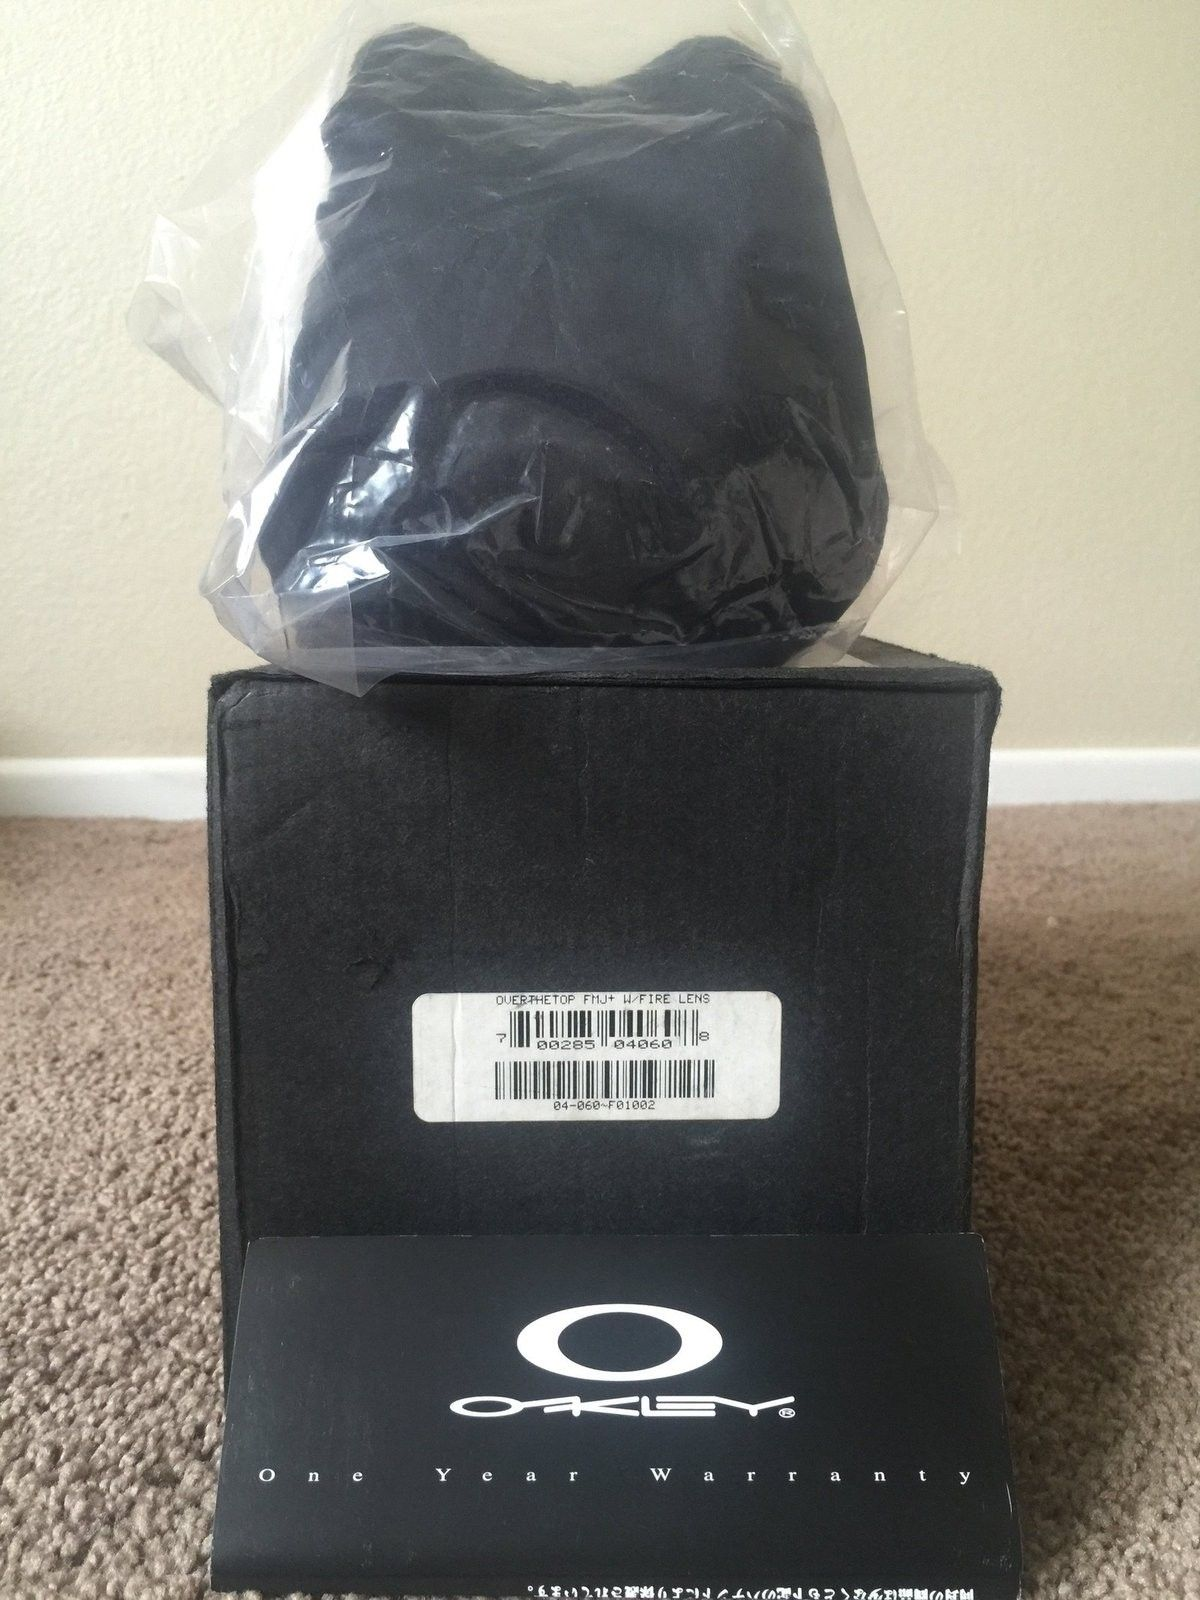 Oakley OTT - uploadfromtaptalk1440775762814.jpeg